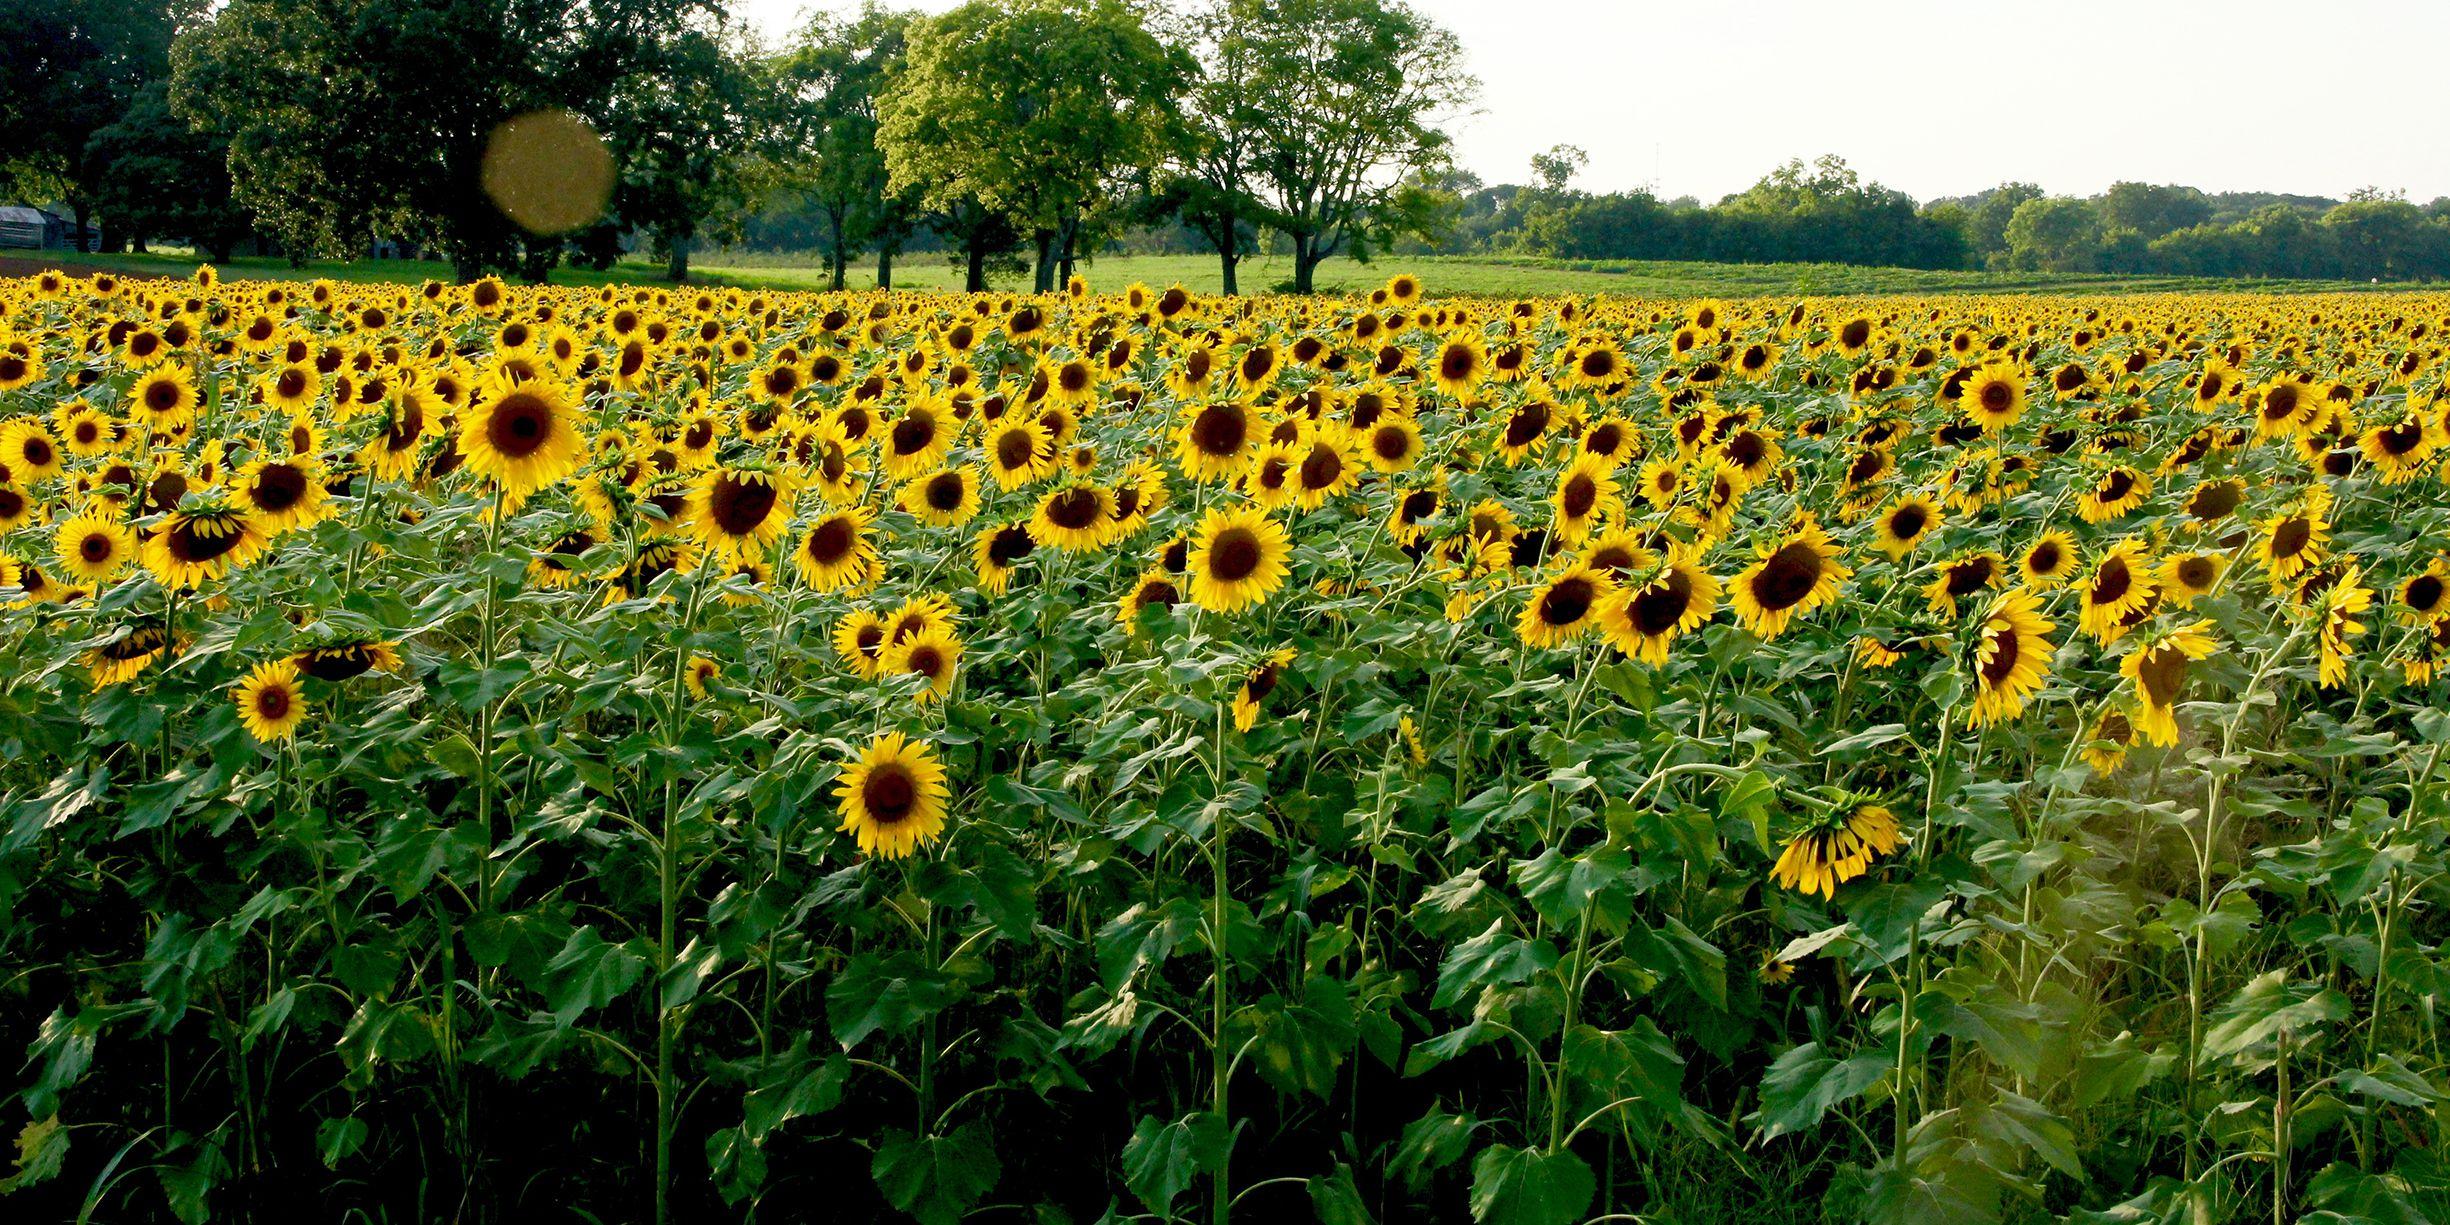 2428677320db66 31 Best Sunflower Fields Near Me - Top Sunflower Fields & Mazes in the U.S.